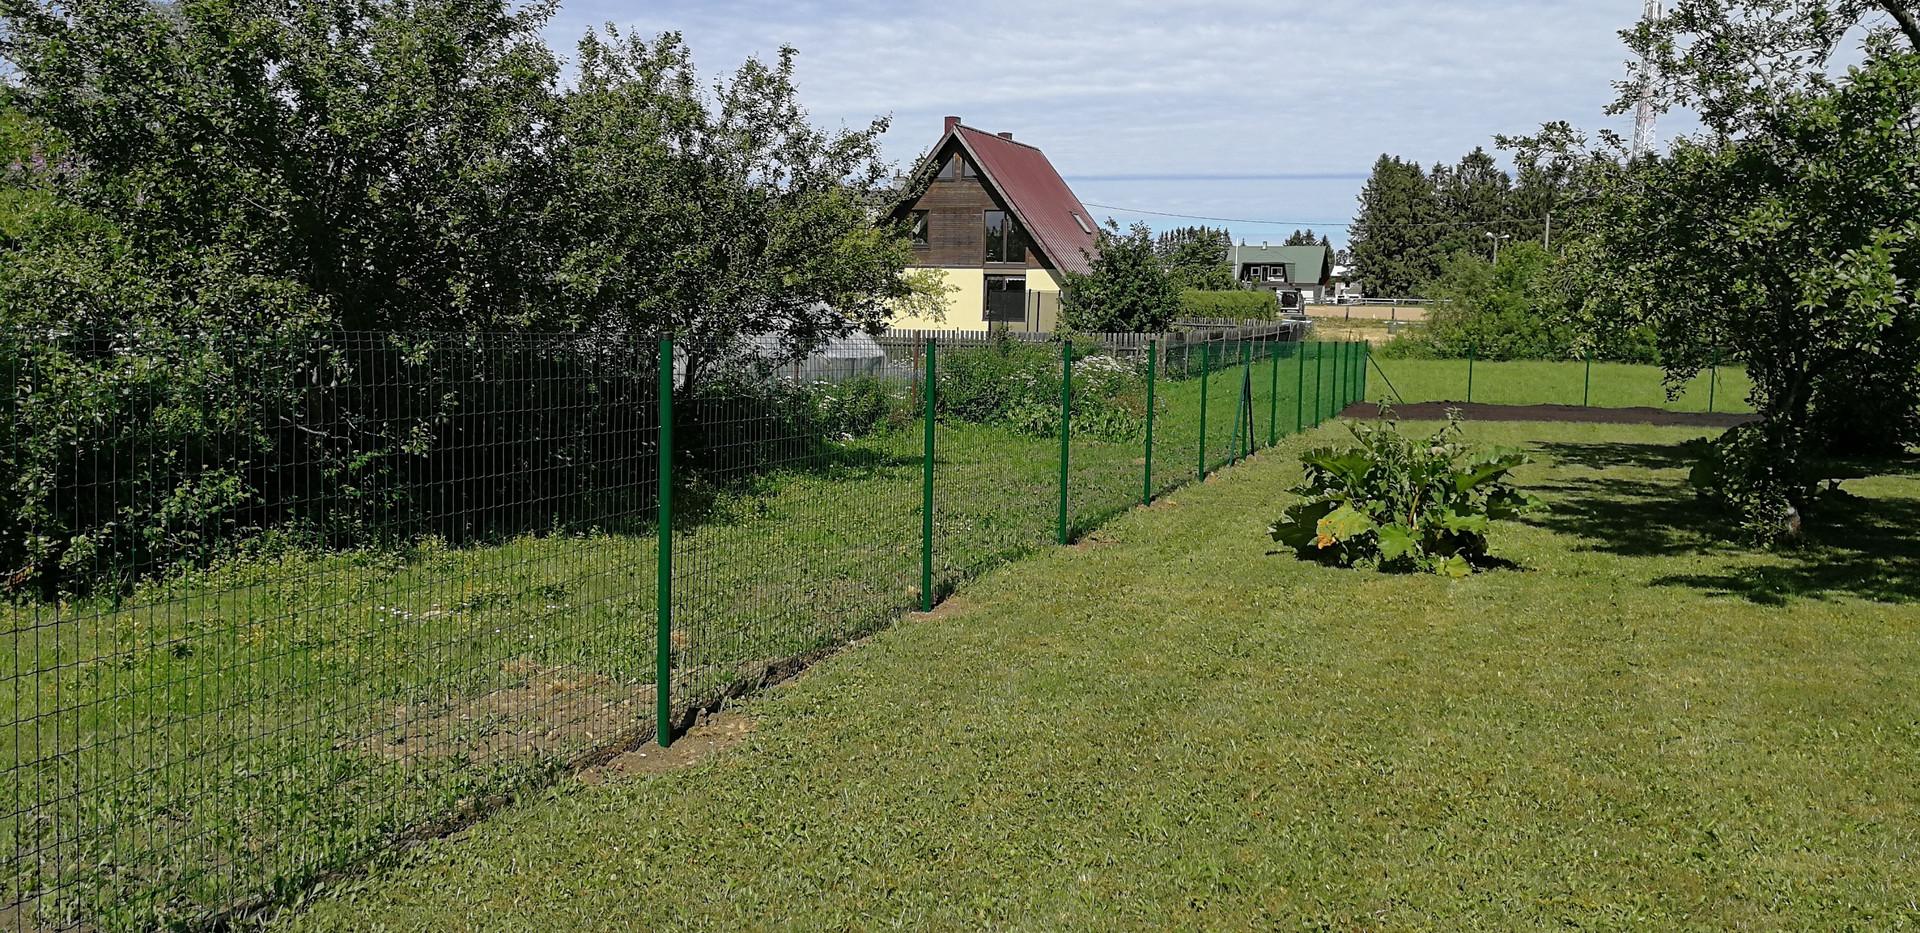 Keevisvõrk aed_Lagedi (3).jpg